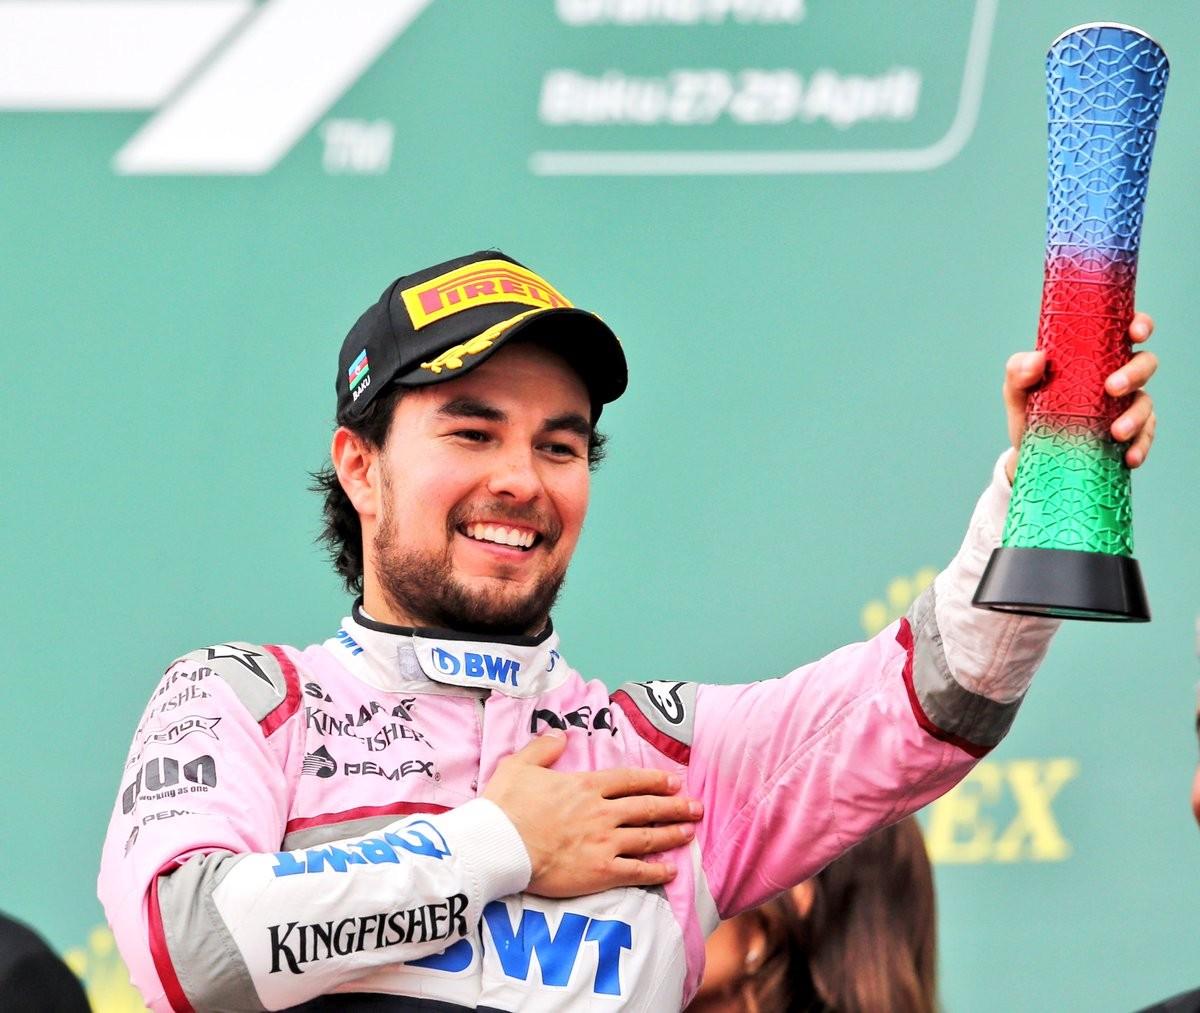 F1, Gp di Spagna - Perez ed Hartley, da Baku a Barcellona per ripartire con lo stesso piglio